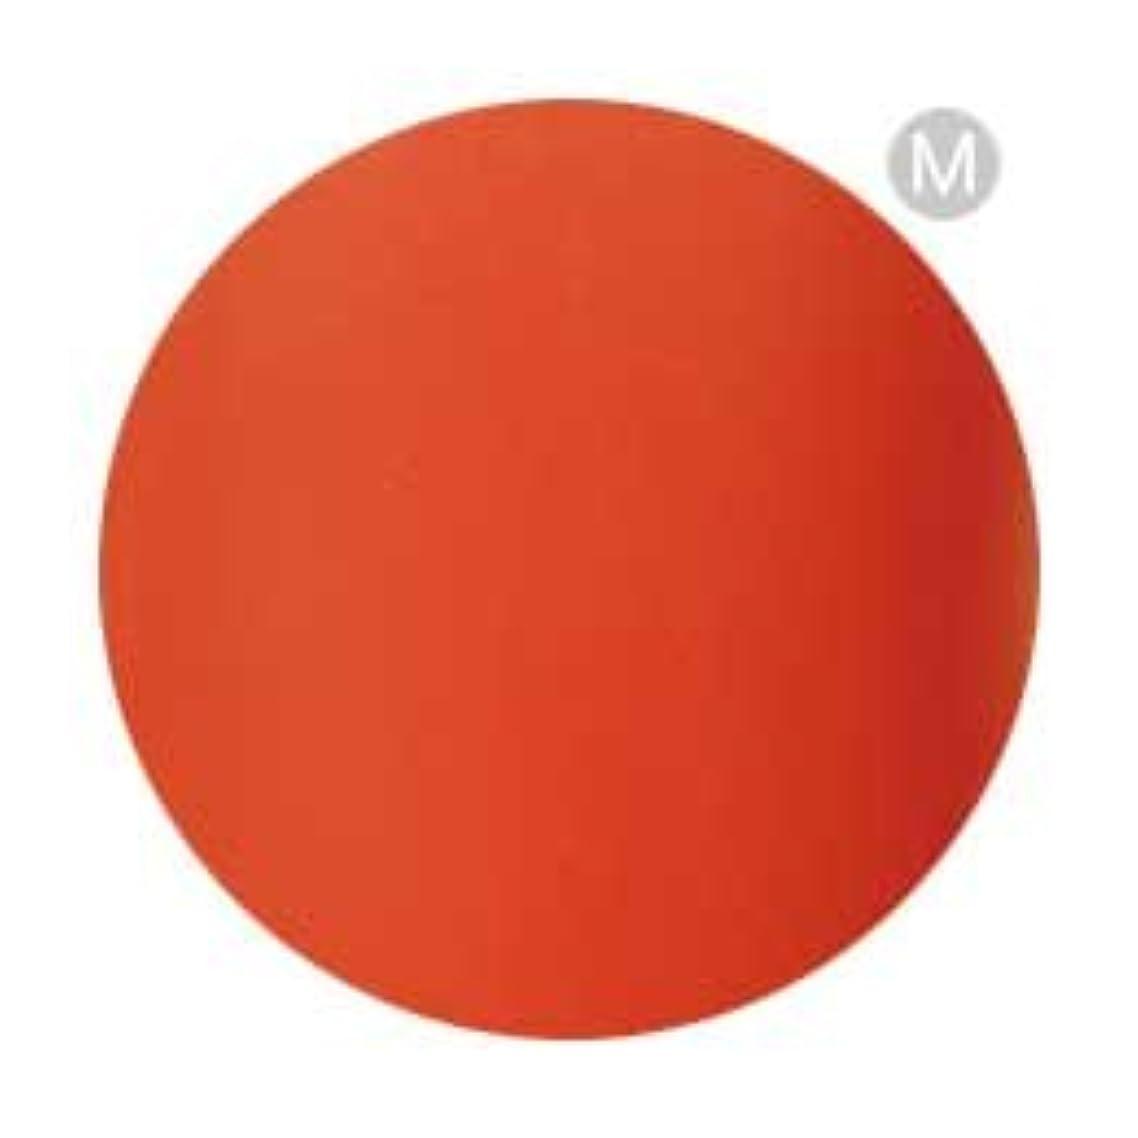 深いスチュワード準備ができてPalms Graceful カラージェル 3g 077 タンジェリンオレンジ